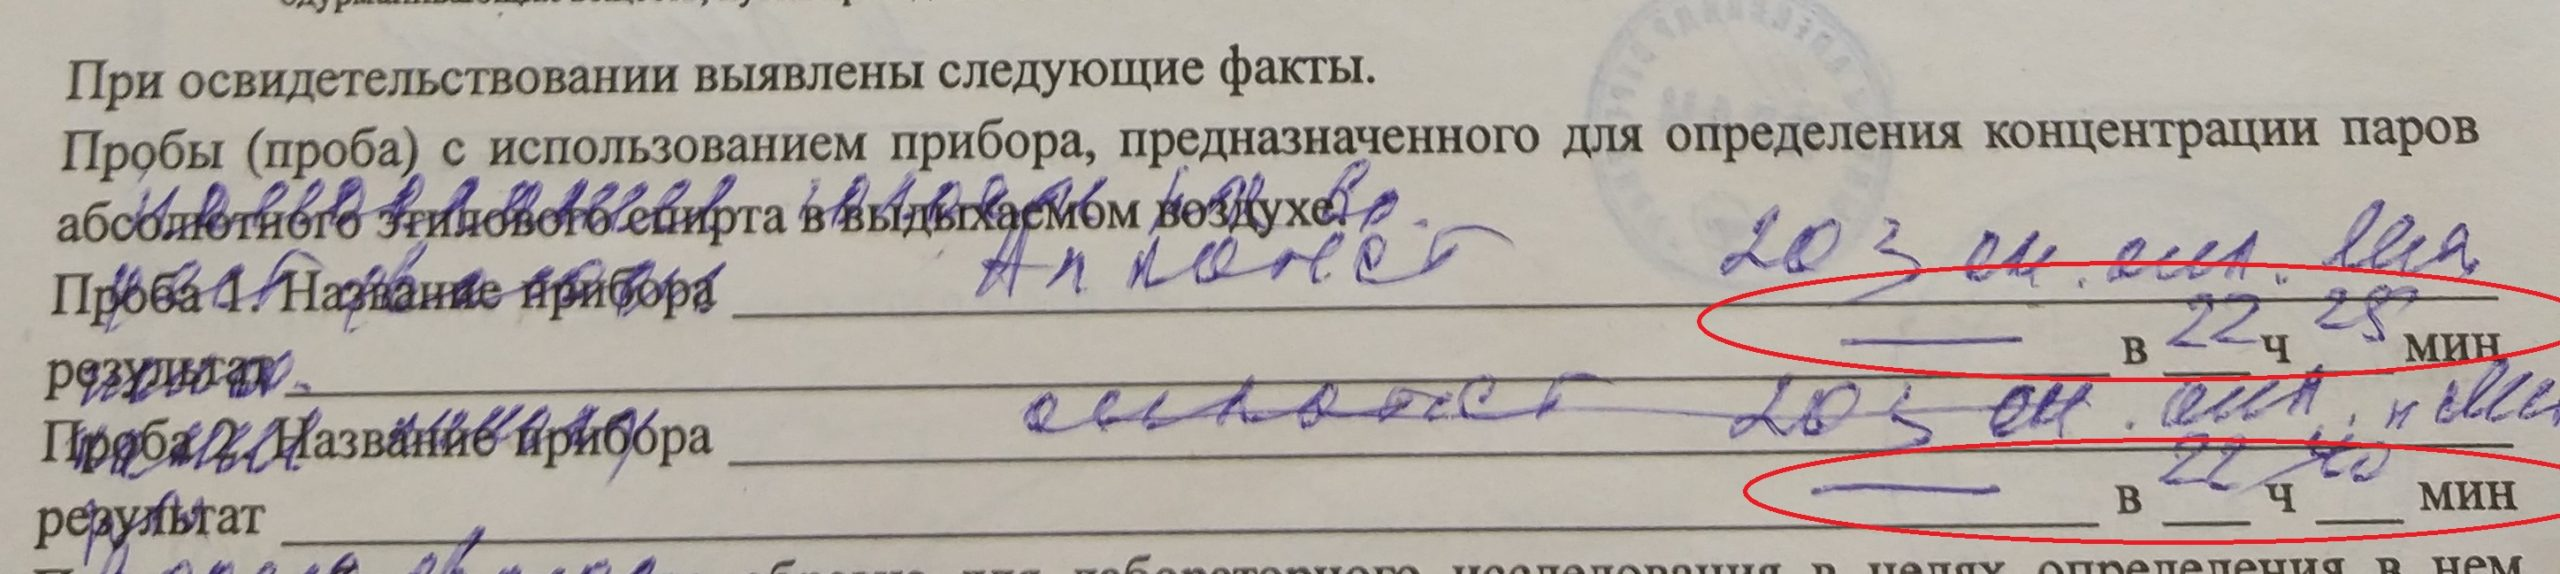 18.16 (18.15) ч.3 КоАП пробы алкотестера 203